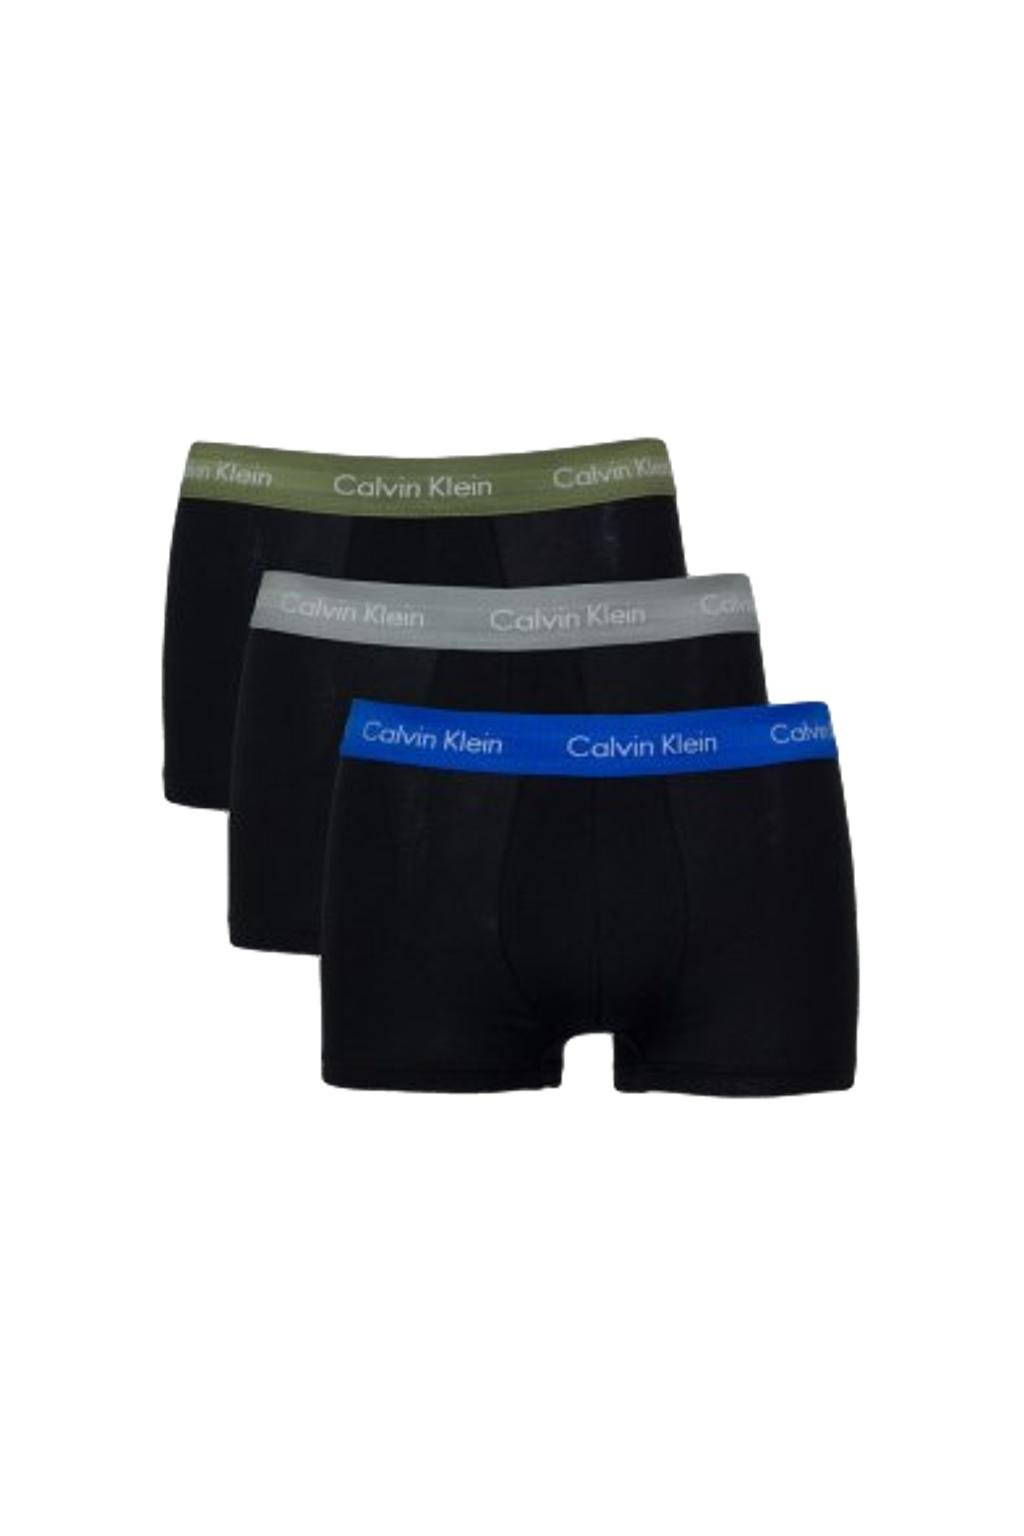 LIMITKA! Calvin Klein Boxerky Premium 3 balení - modrá/šedá/khaki